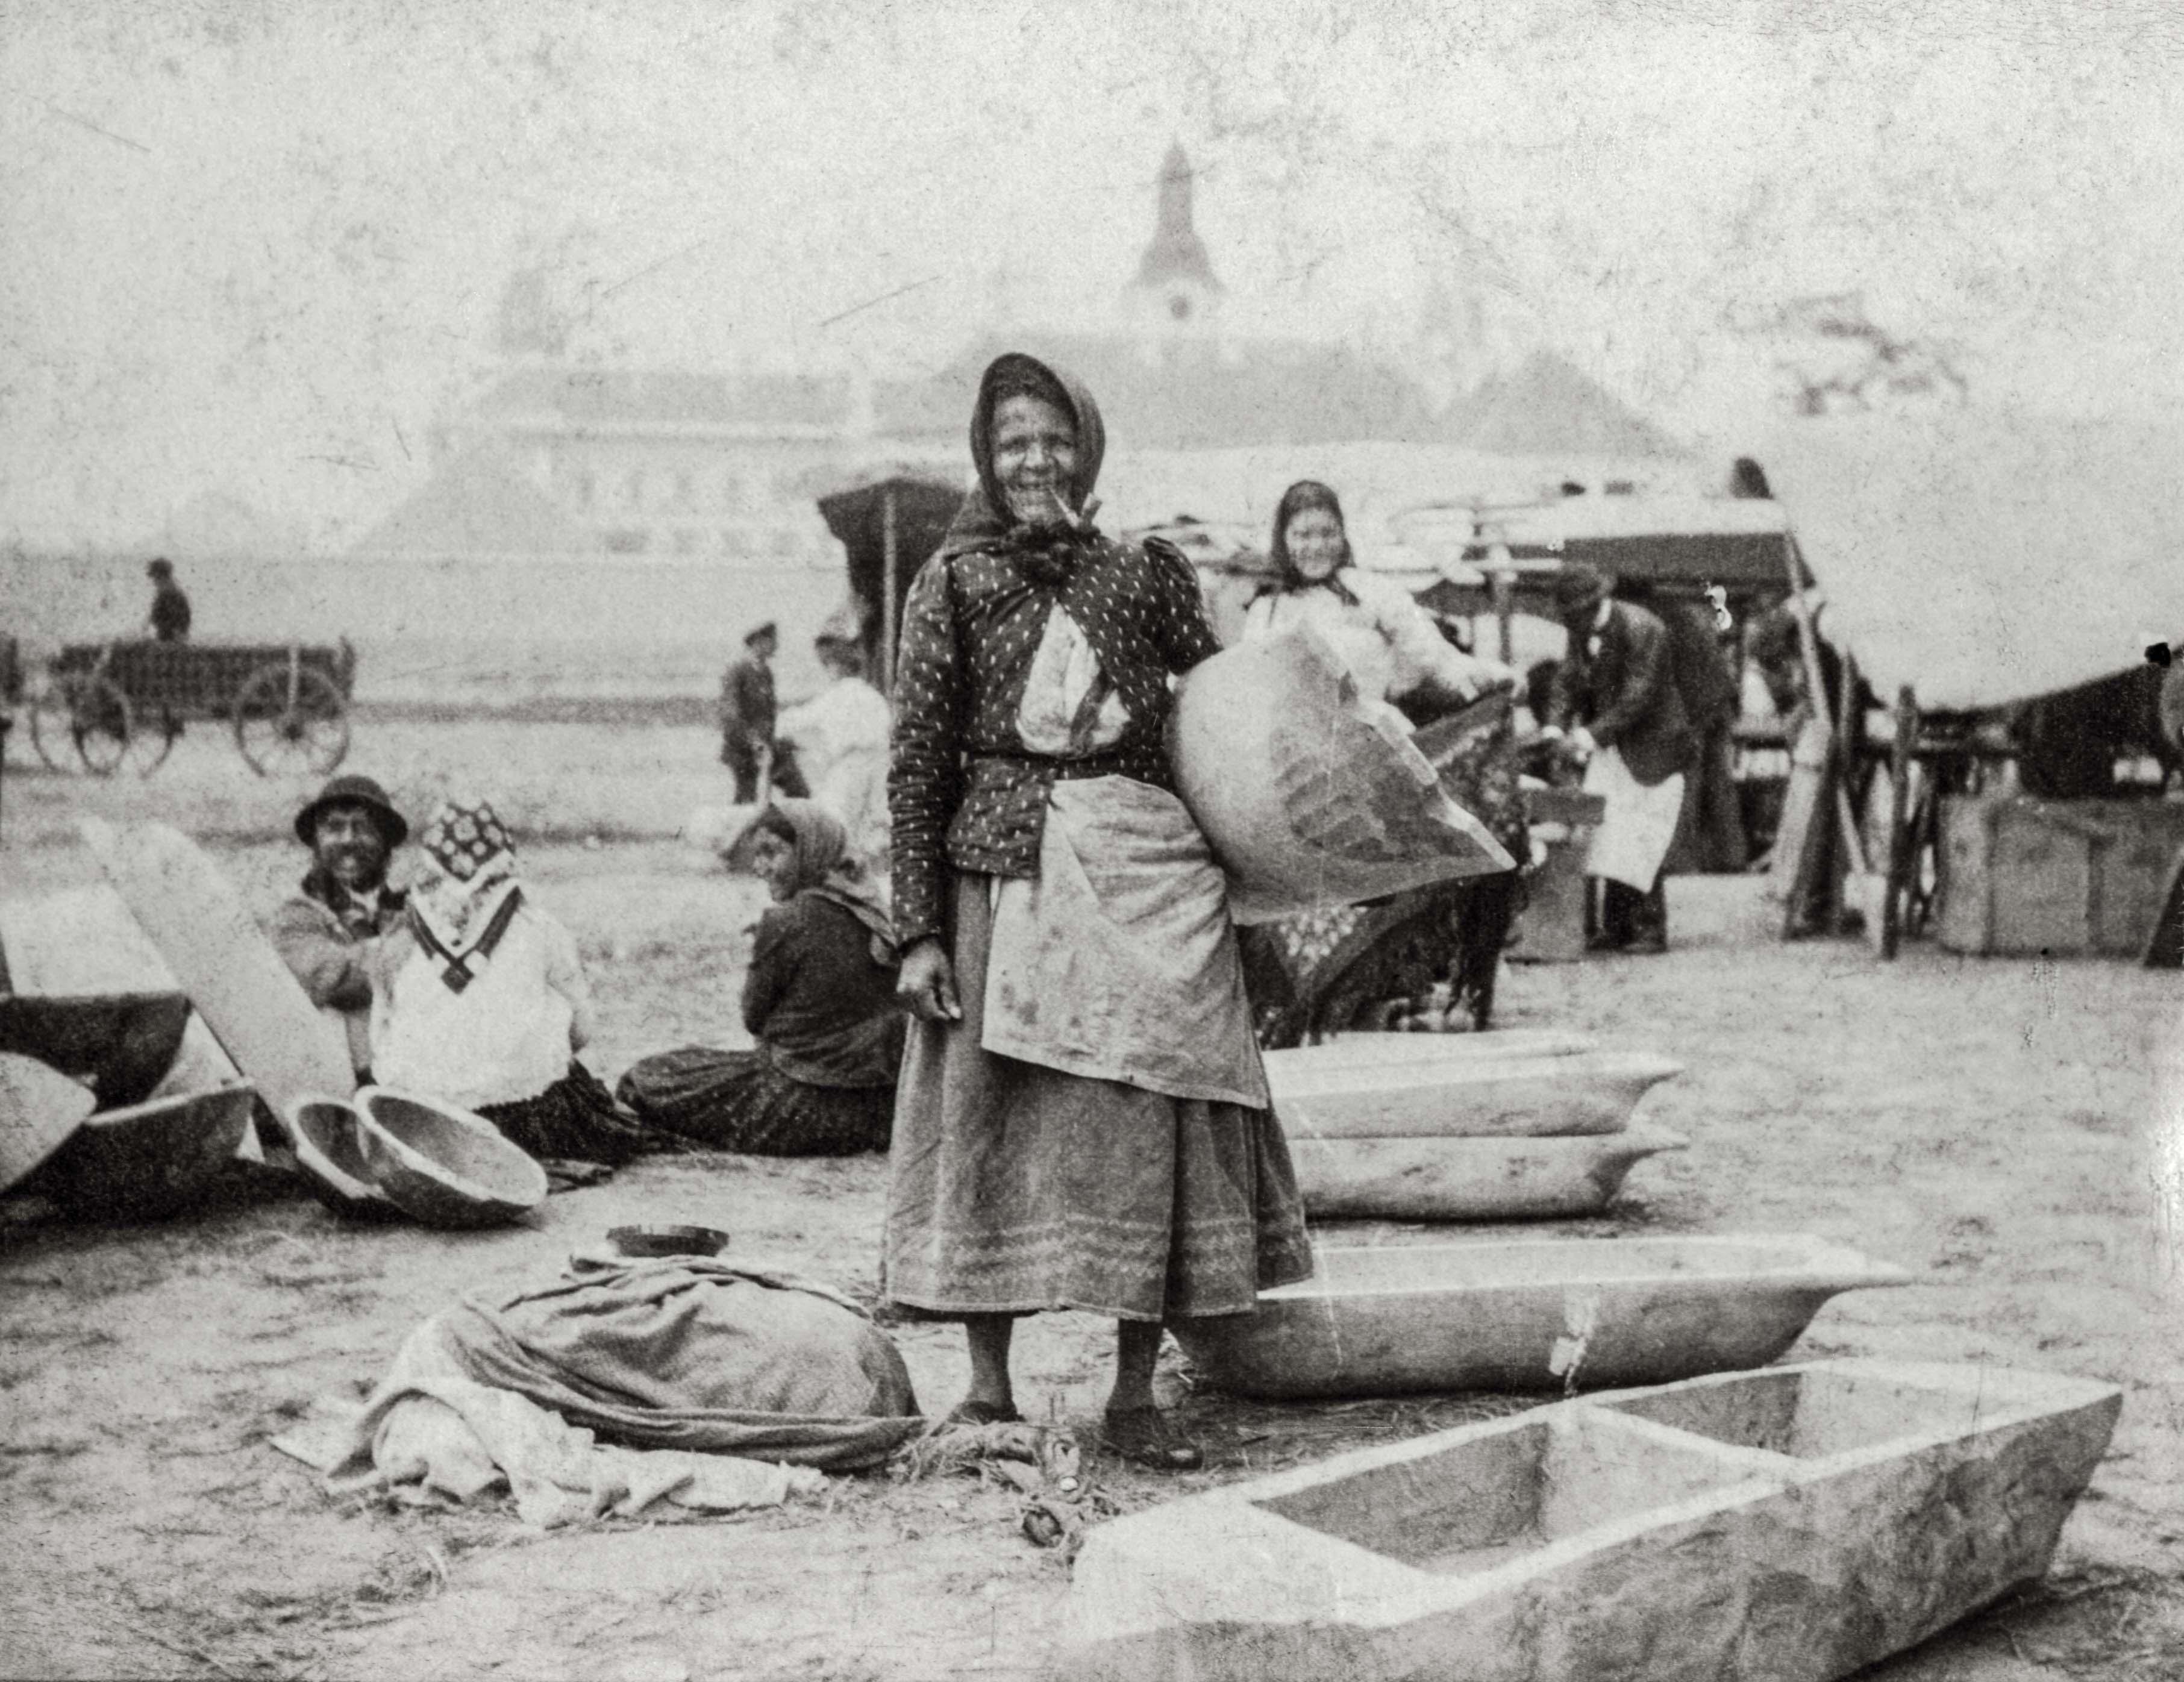 Teknőárusító cigányok<br />Zombor, 1907 előtt, F 8500<br /><br />Fotó: Alföldy Flóra © Néprajzi Múzeum<br />